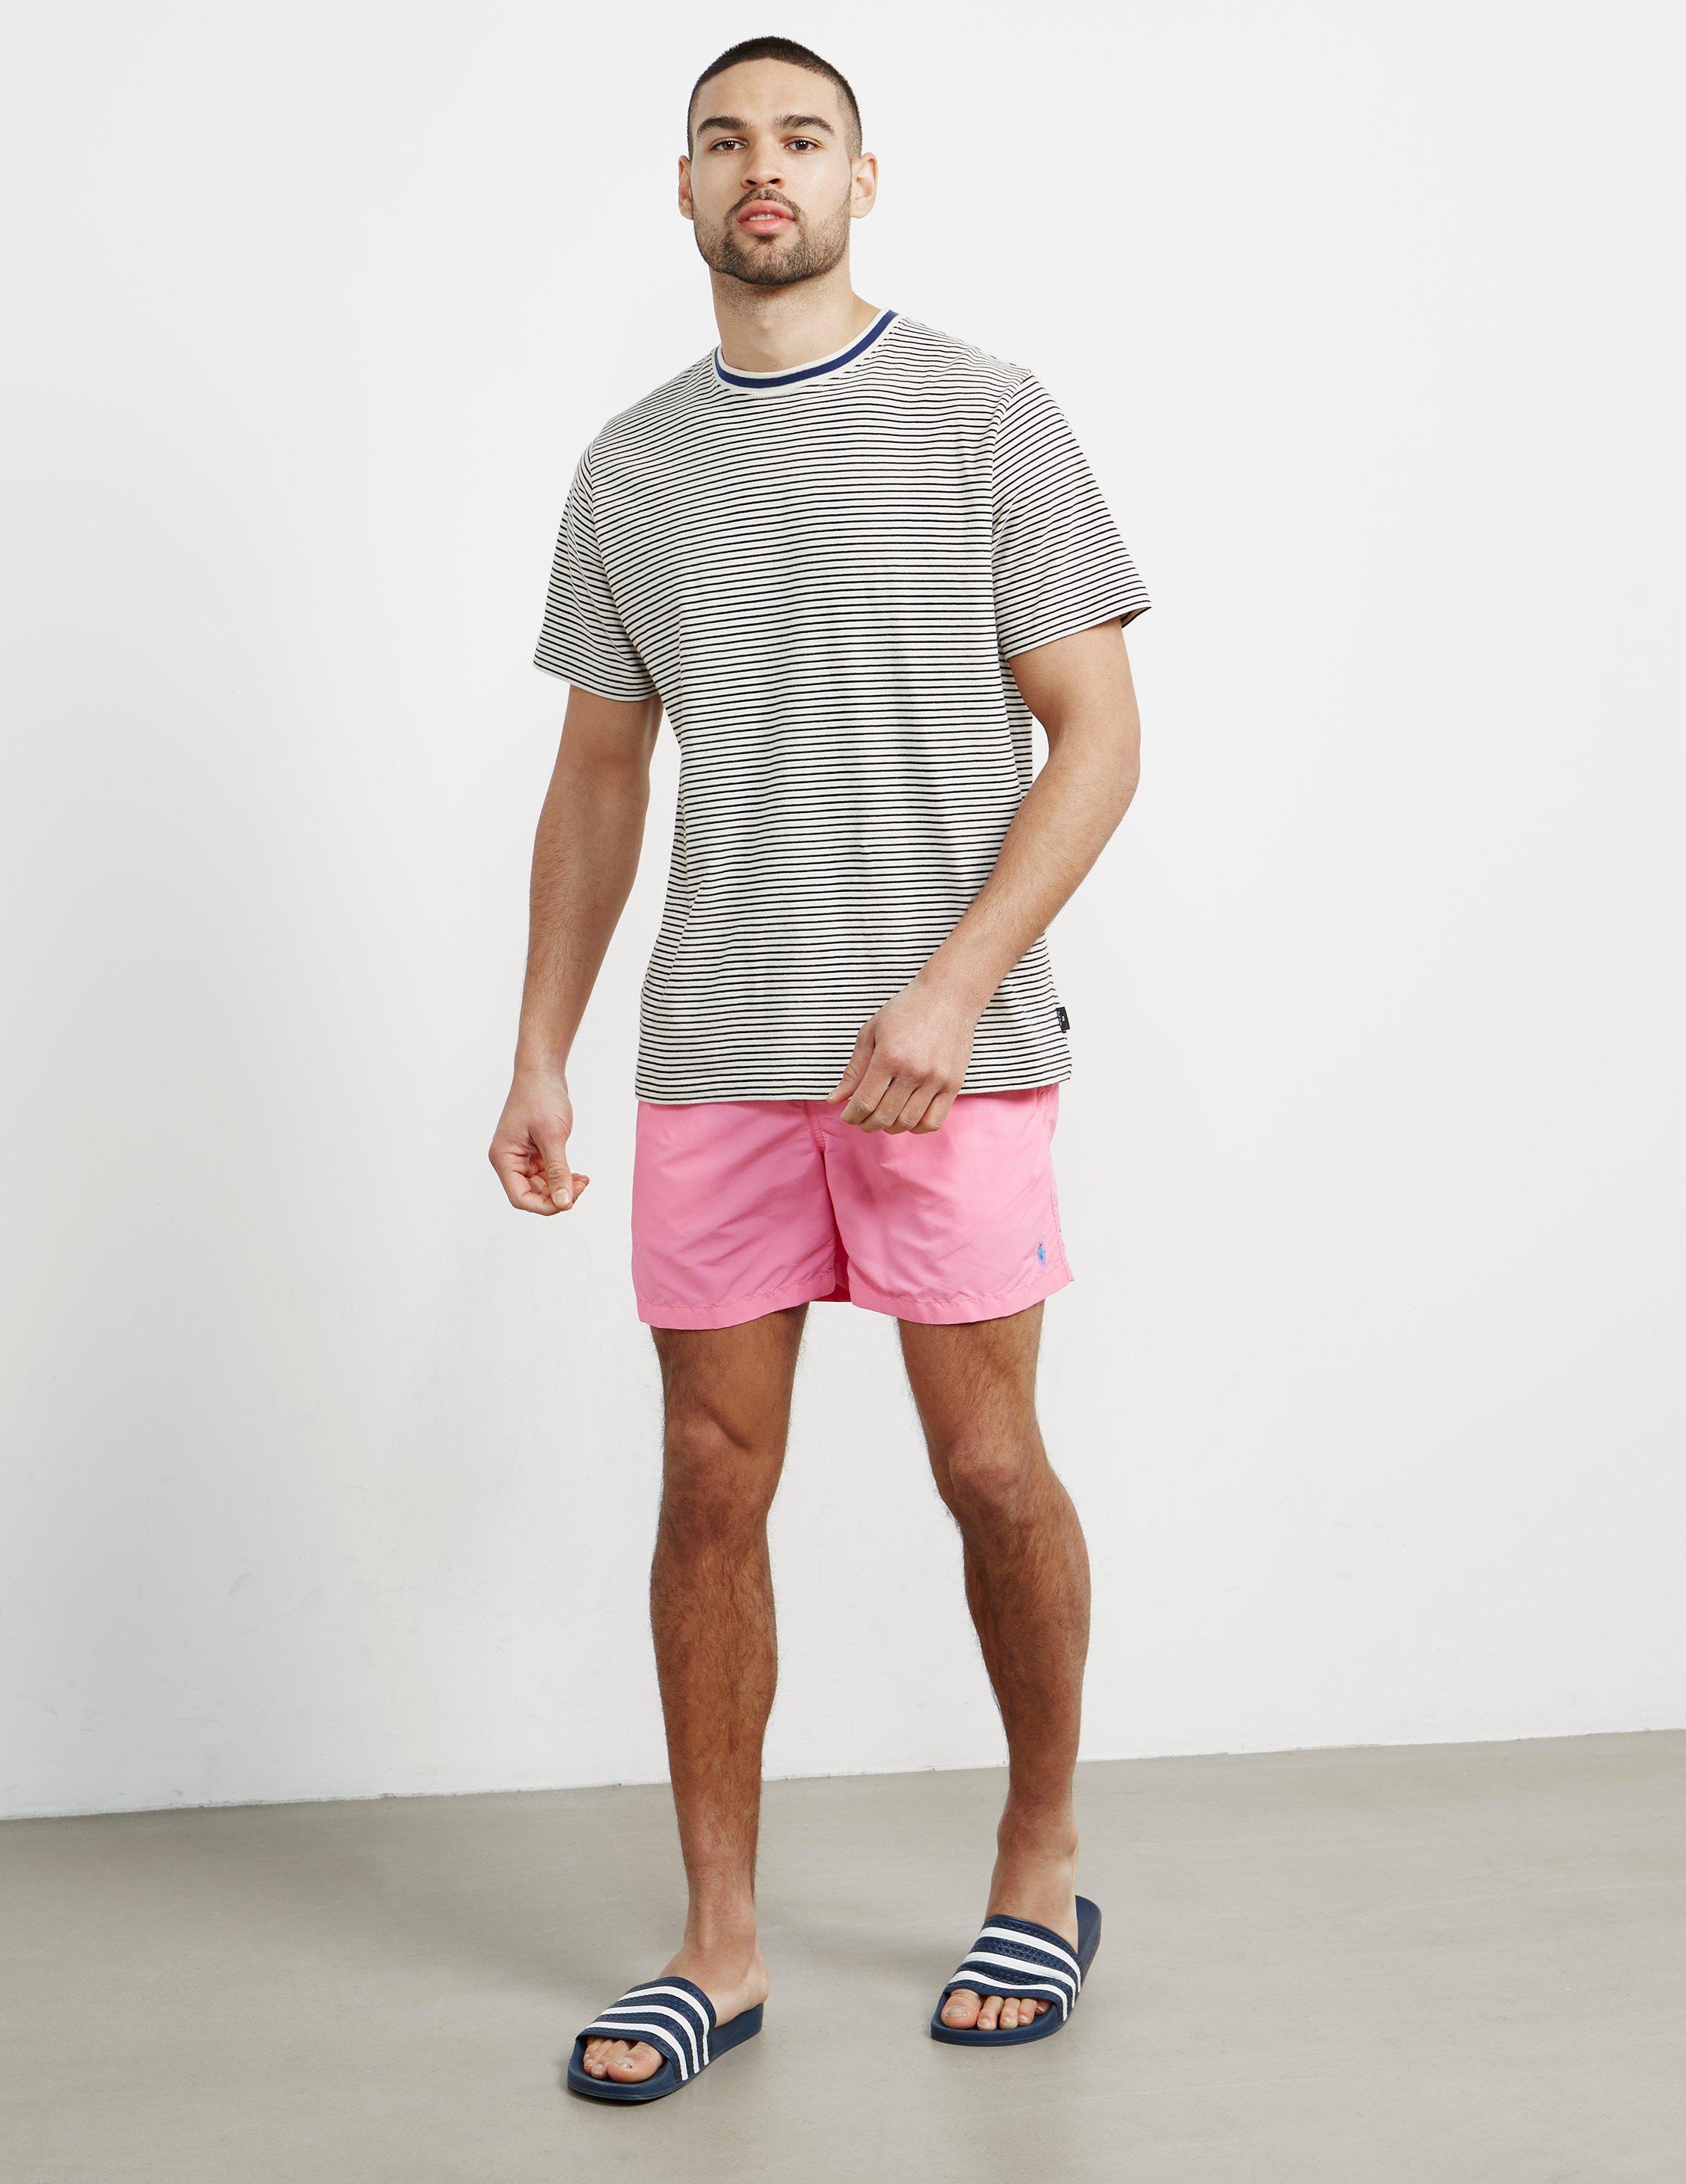 45463abbbe3b ... australia lyst polo ralph lauren mens basic swim shorts pink in pink  for men 3f0e2 4c924